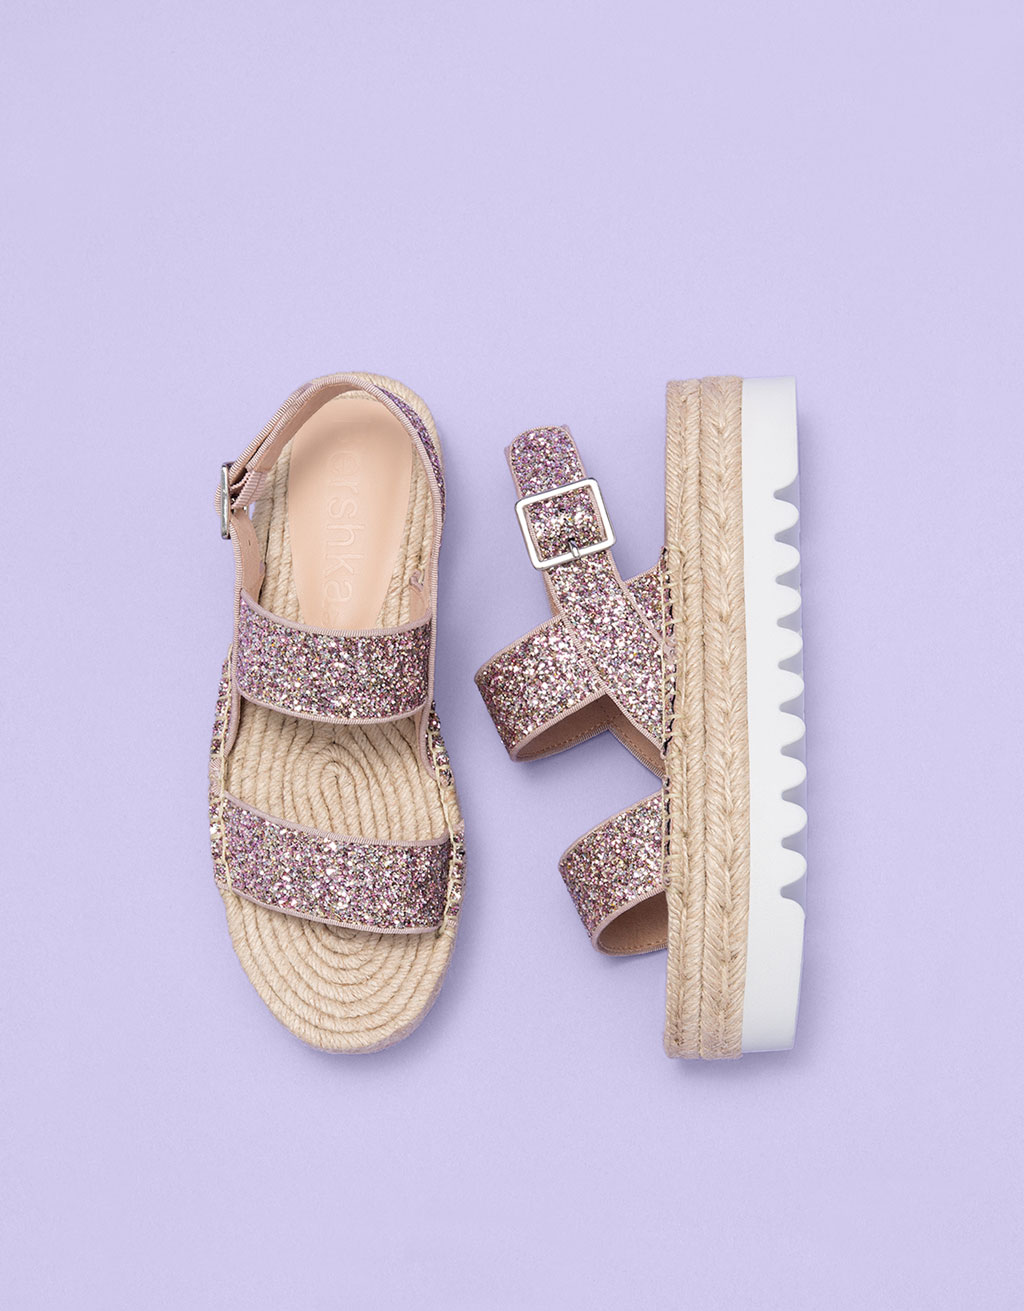 Jute platform sandals with sparkle